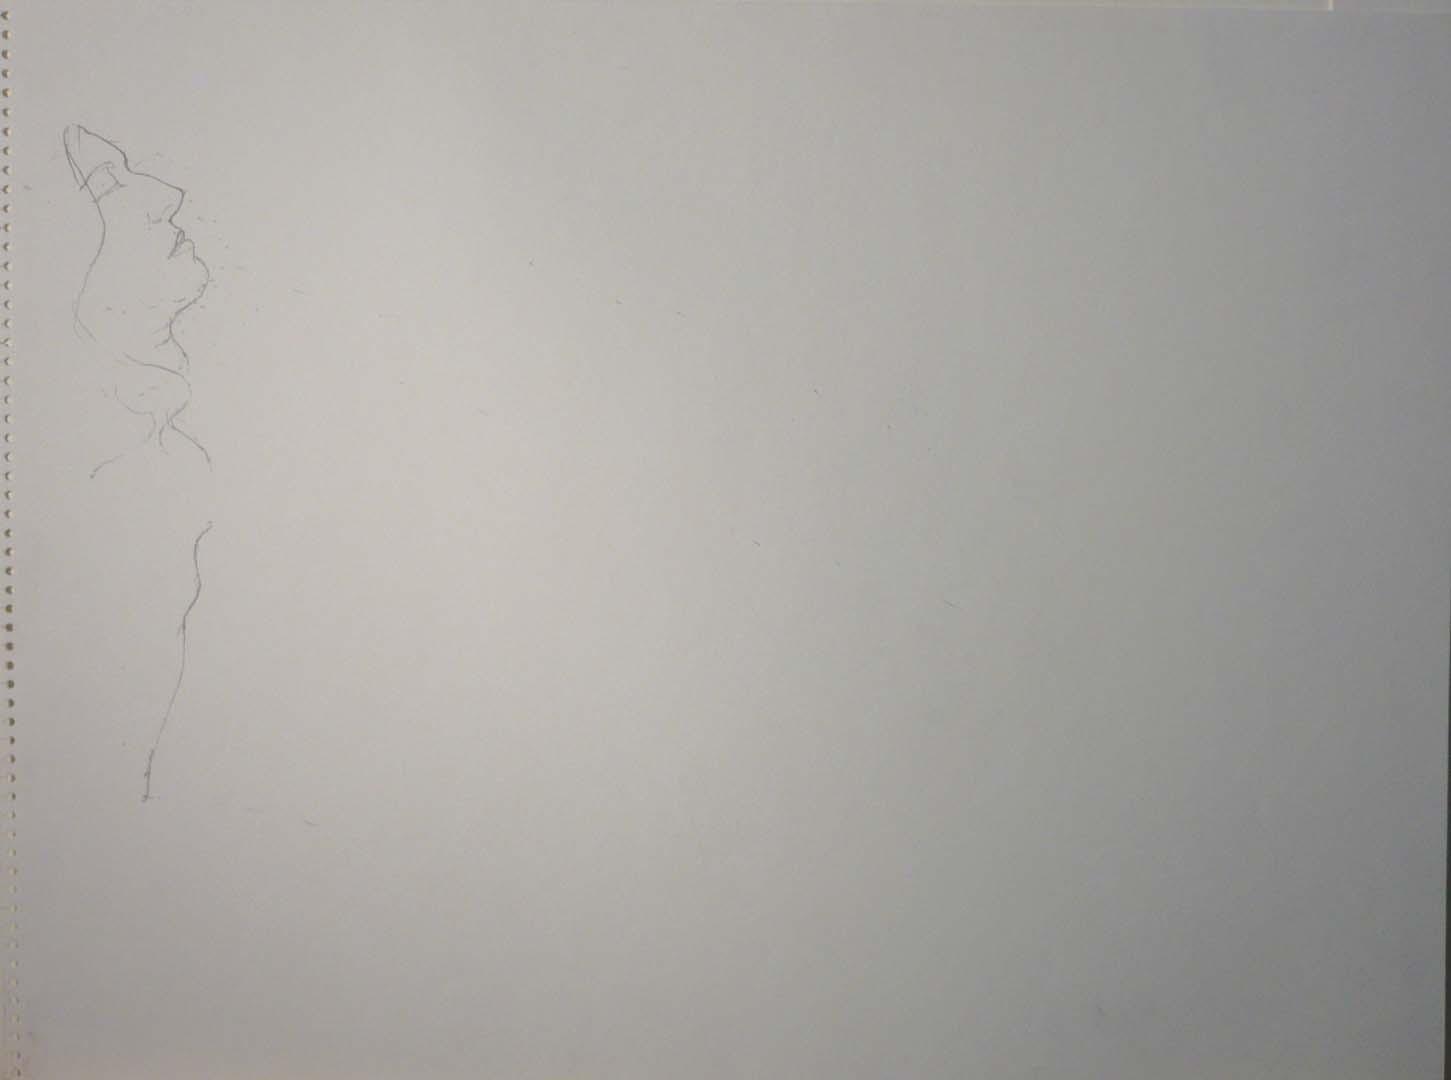 Female Profile Pencil 18 x 24